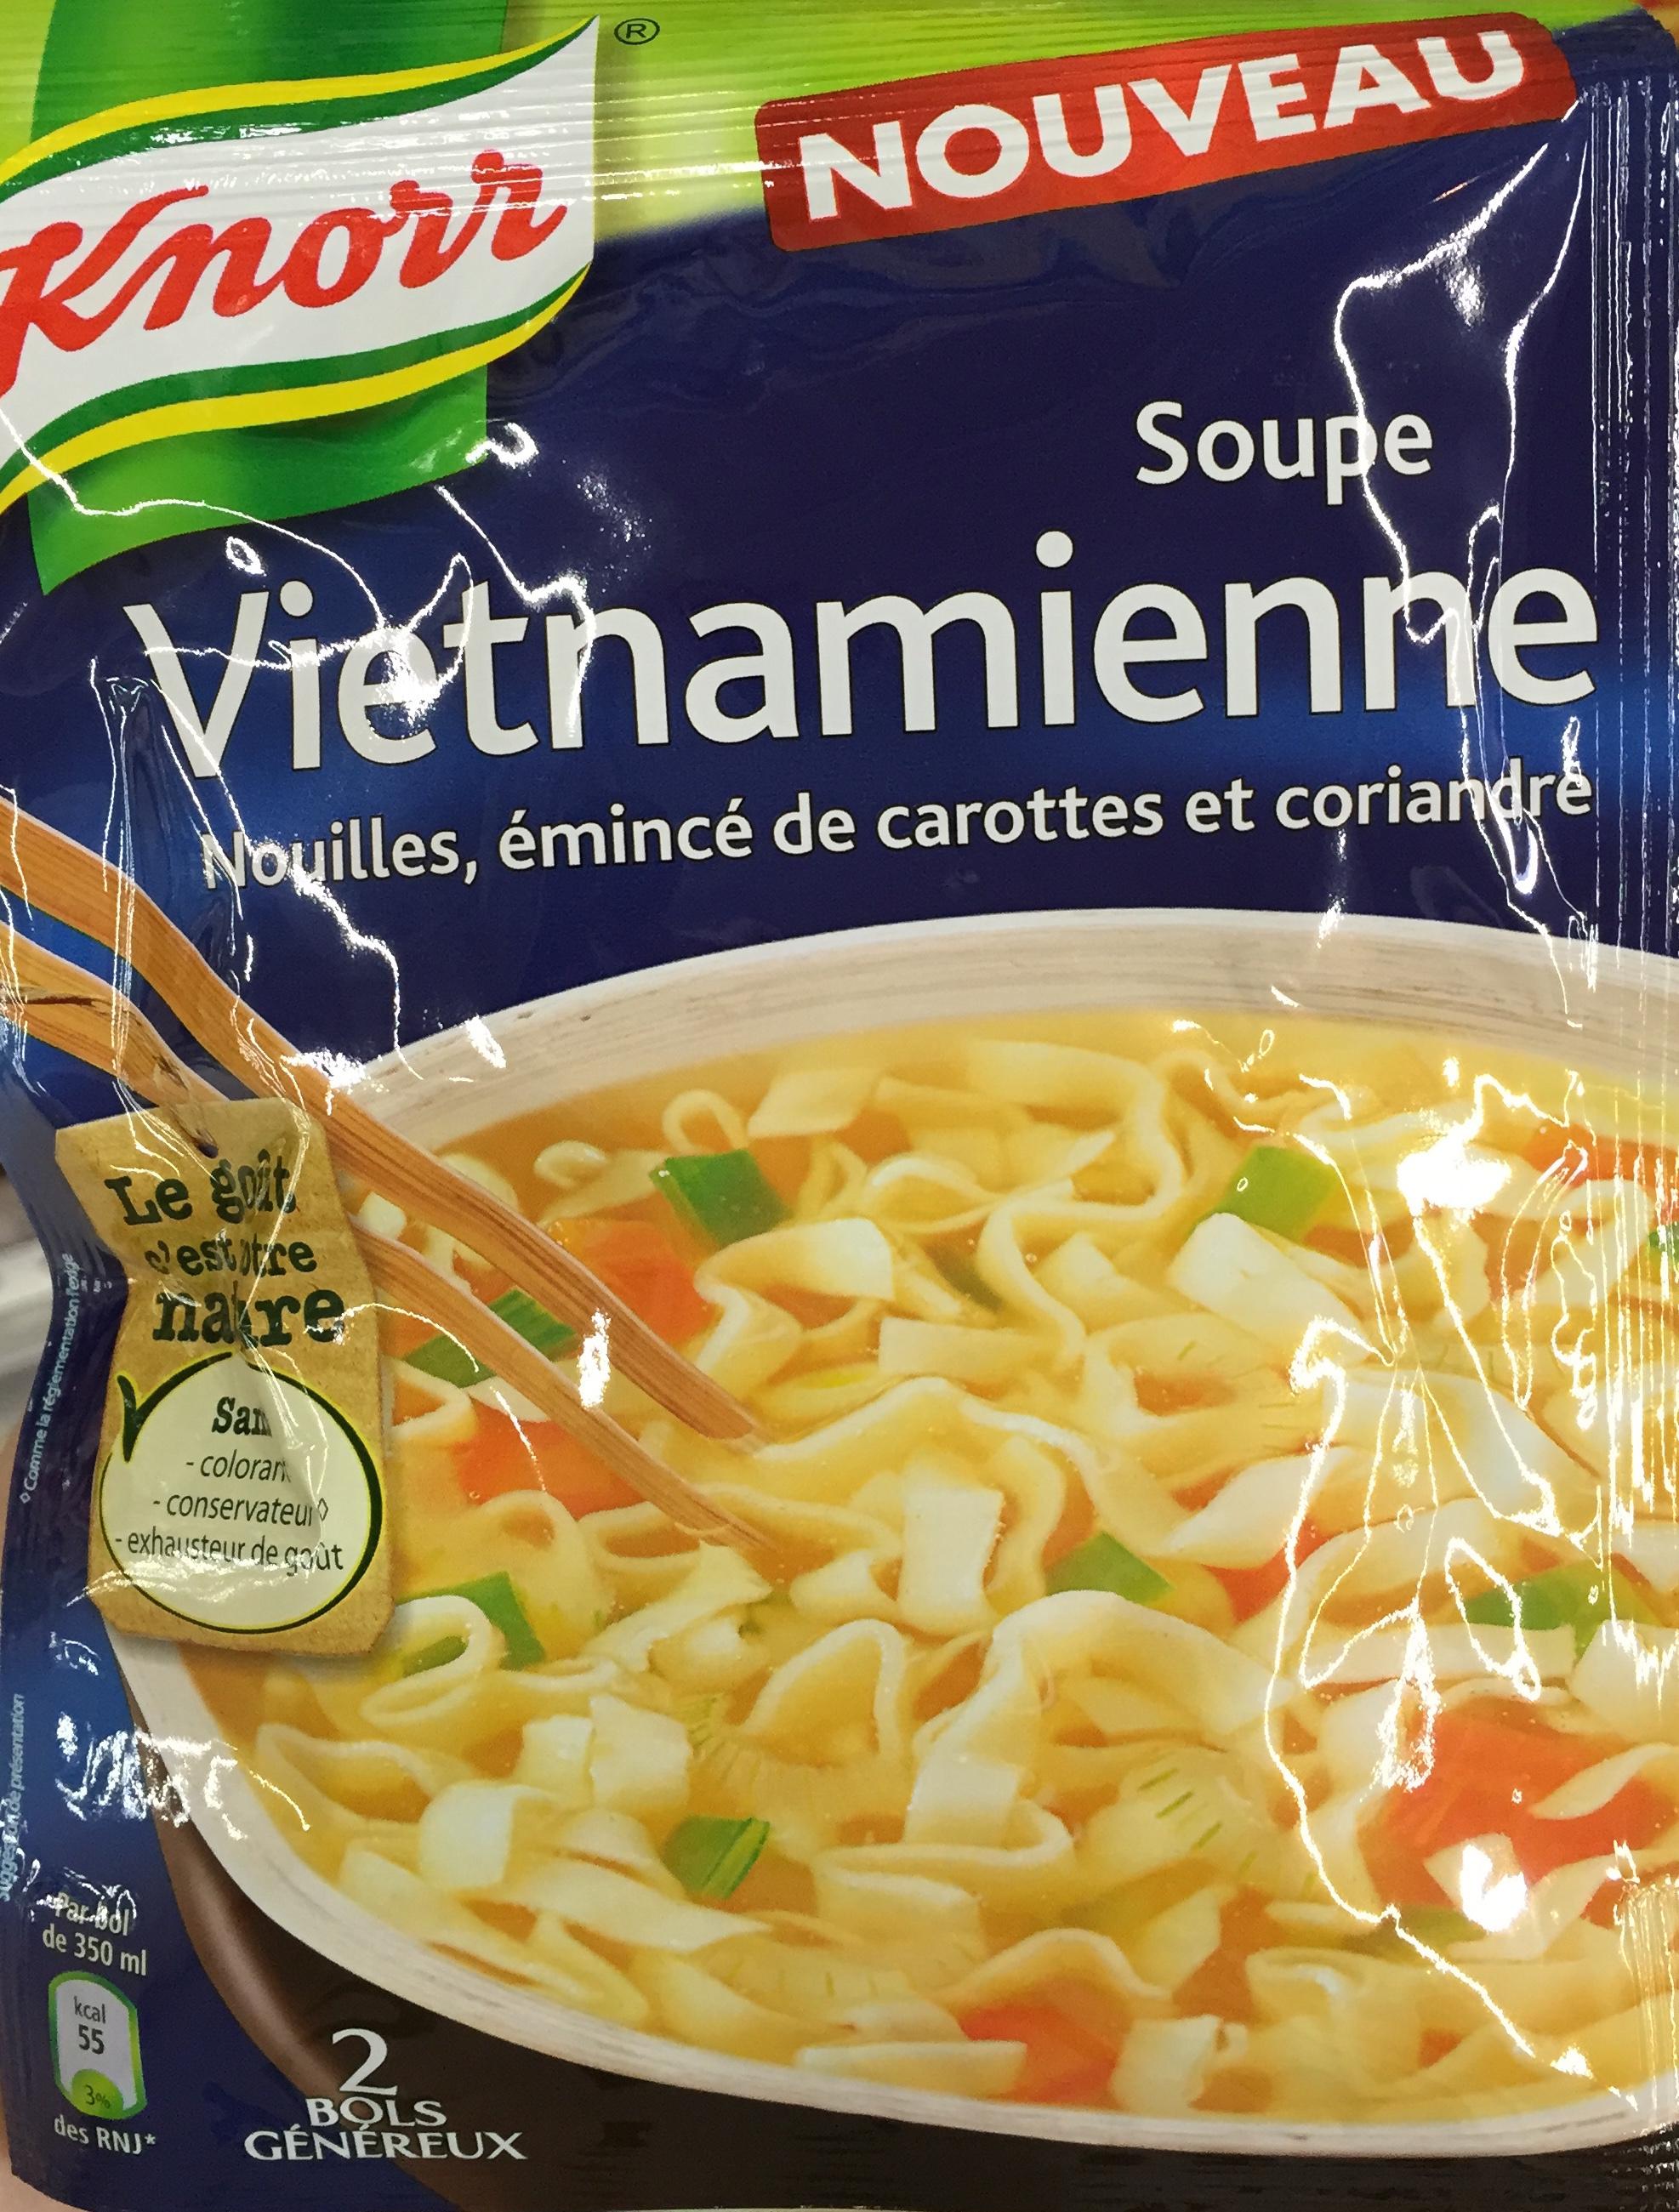 Soupe Vietnamienne Nouilles, émincé de carotte et coriandre - Product